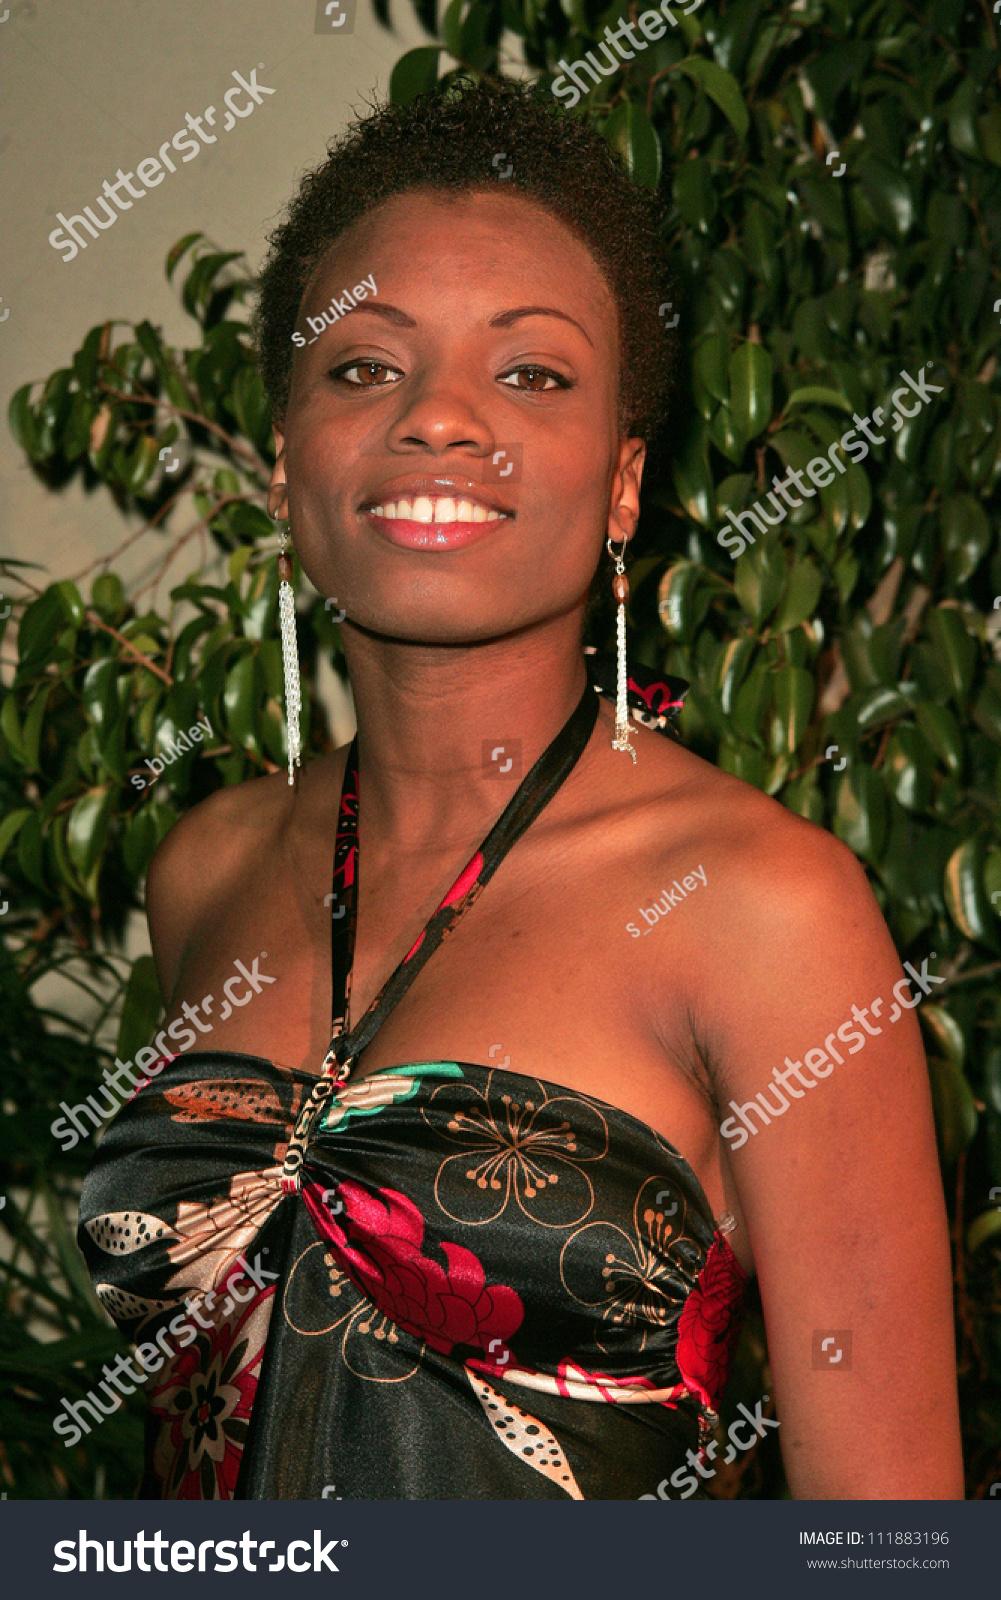 Angelique Bates Angelique Bates new images